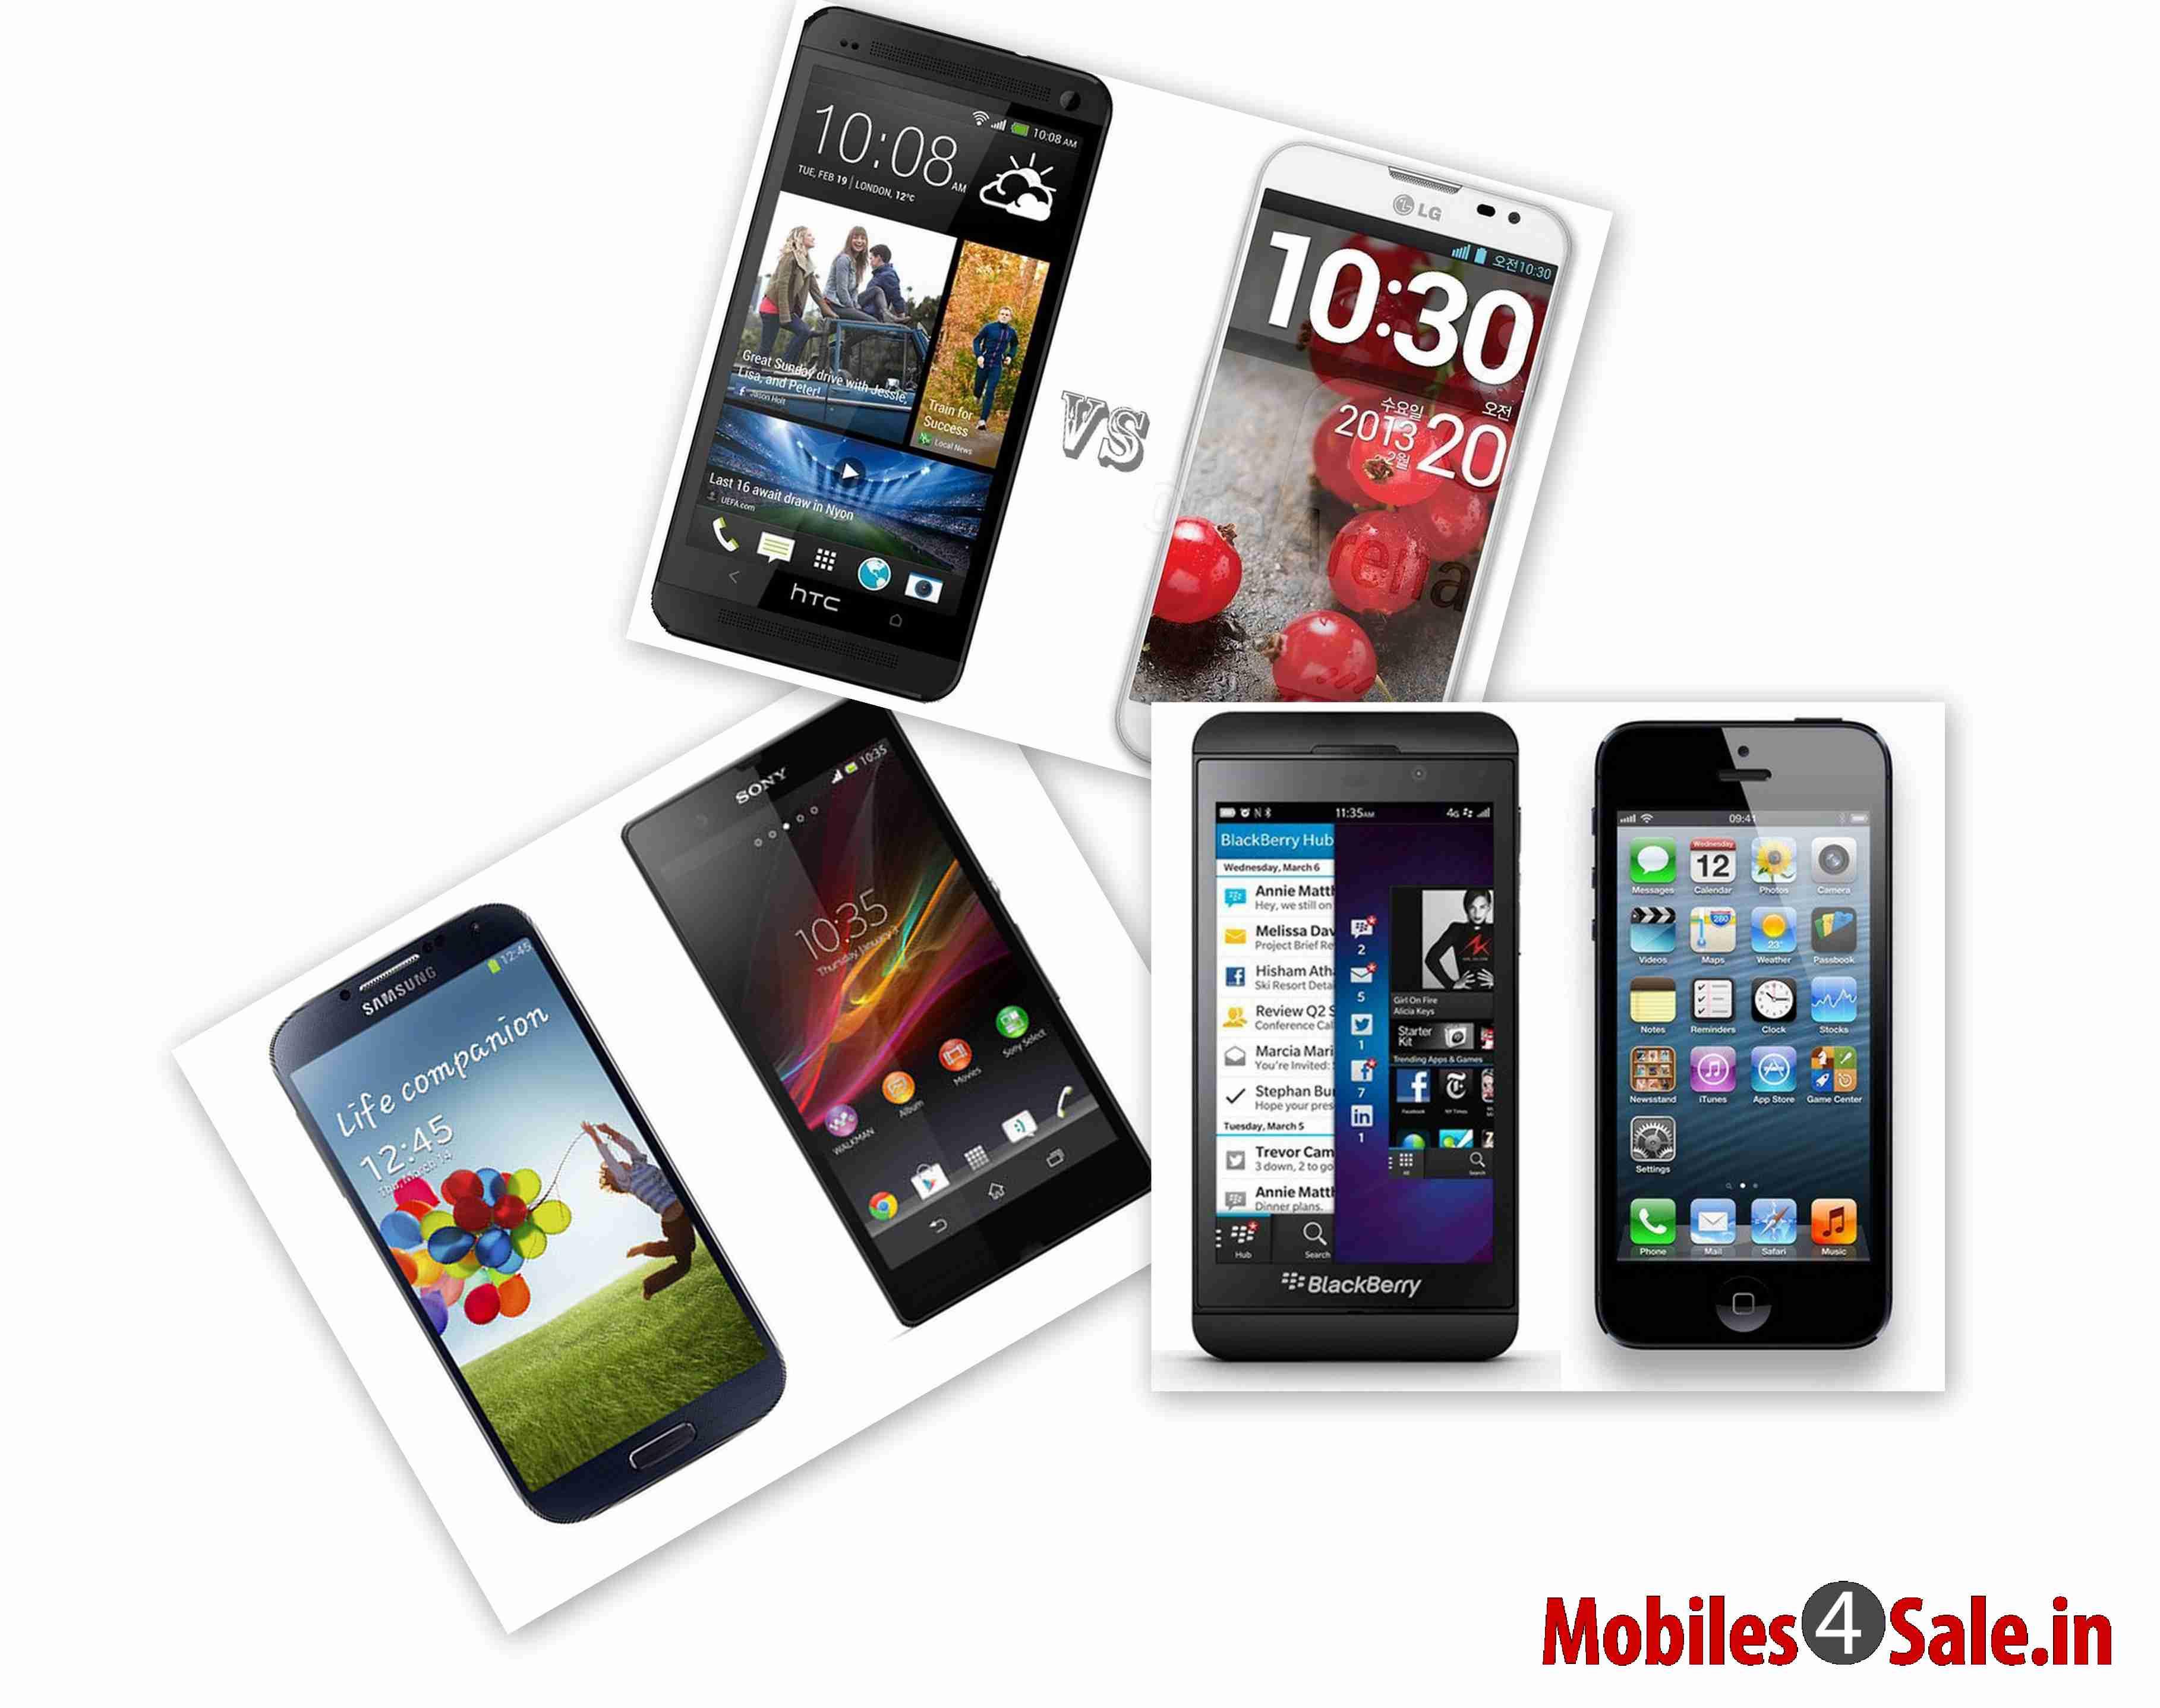 Xperia Z Vs Galaxy S4 Vs Iphone 5 Galaxy S4 Vs Xperia Z ...